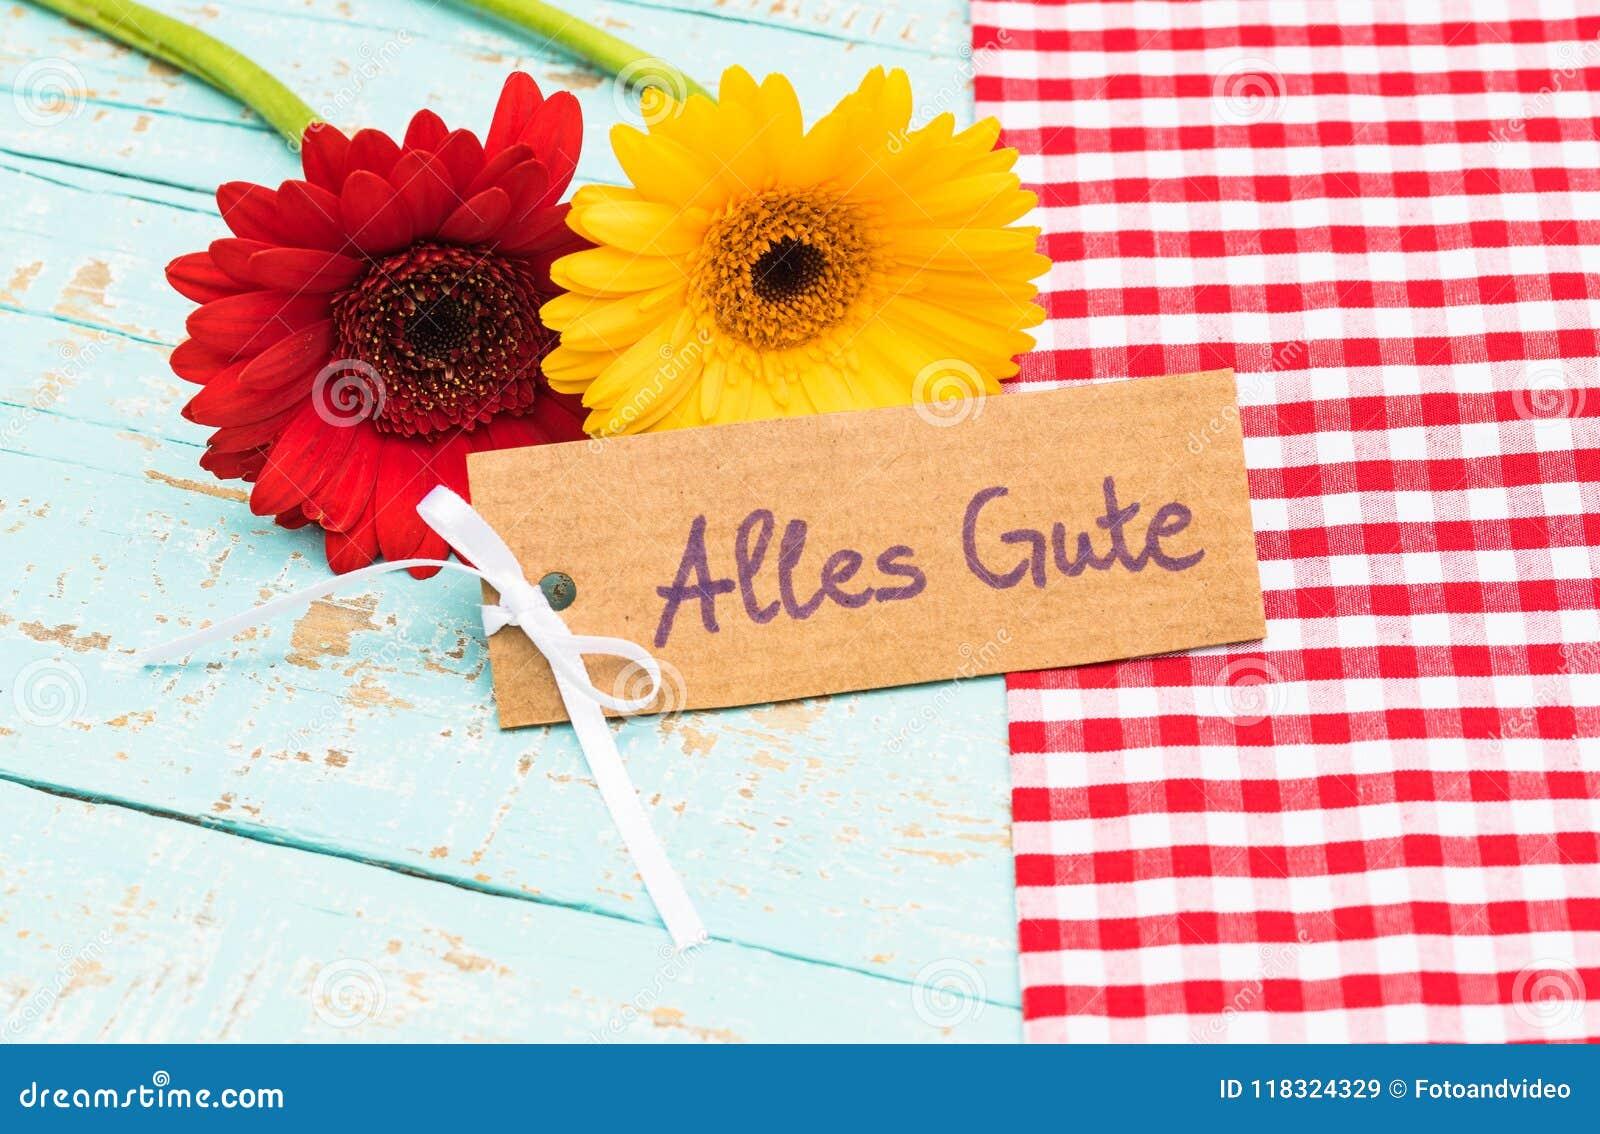 Fleurs Et Carte Cadeaux Avec Le Texte Allemand Alles Gute Moyens